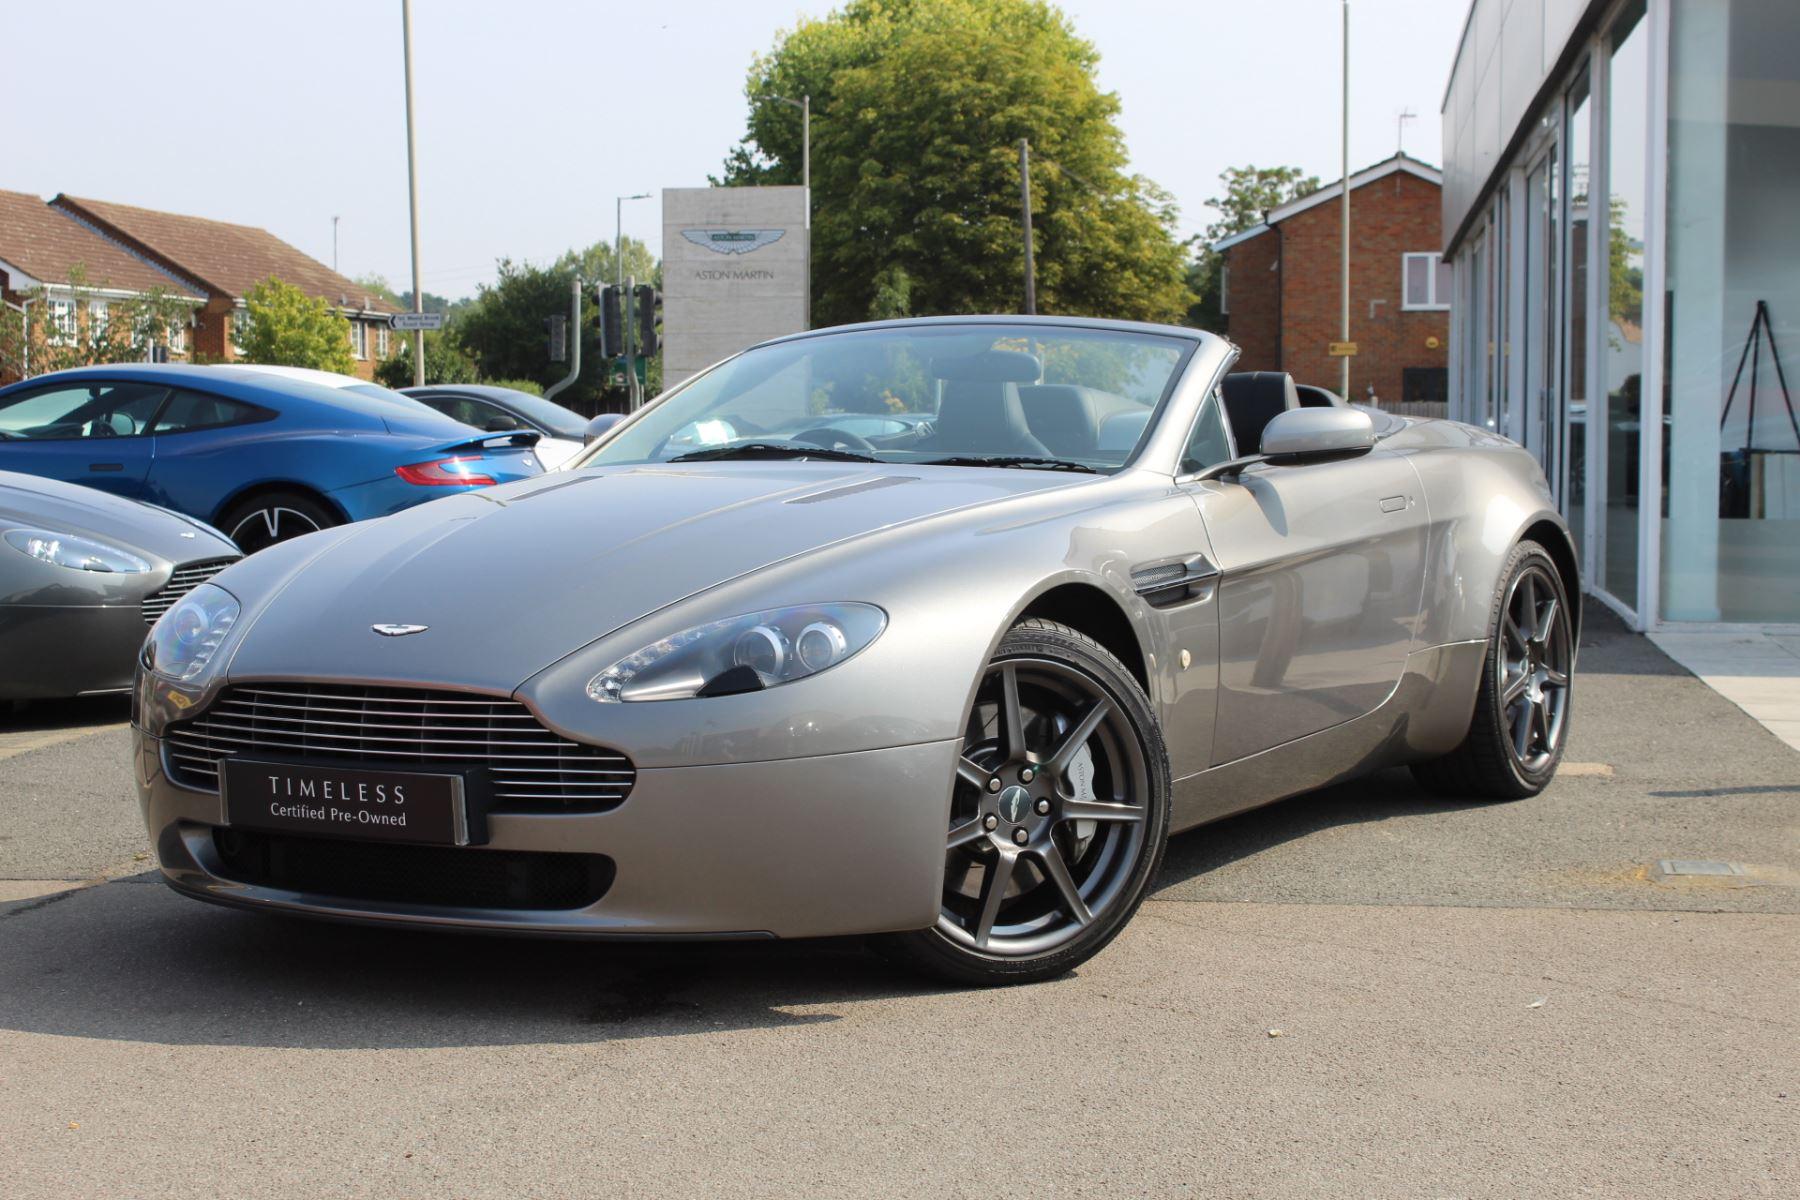 Aston Martin V8 Vantage Roadster 2dr Sportshift image 1